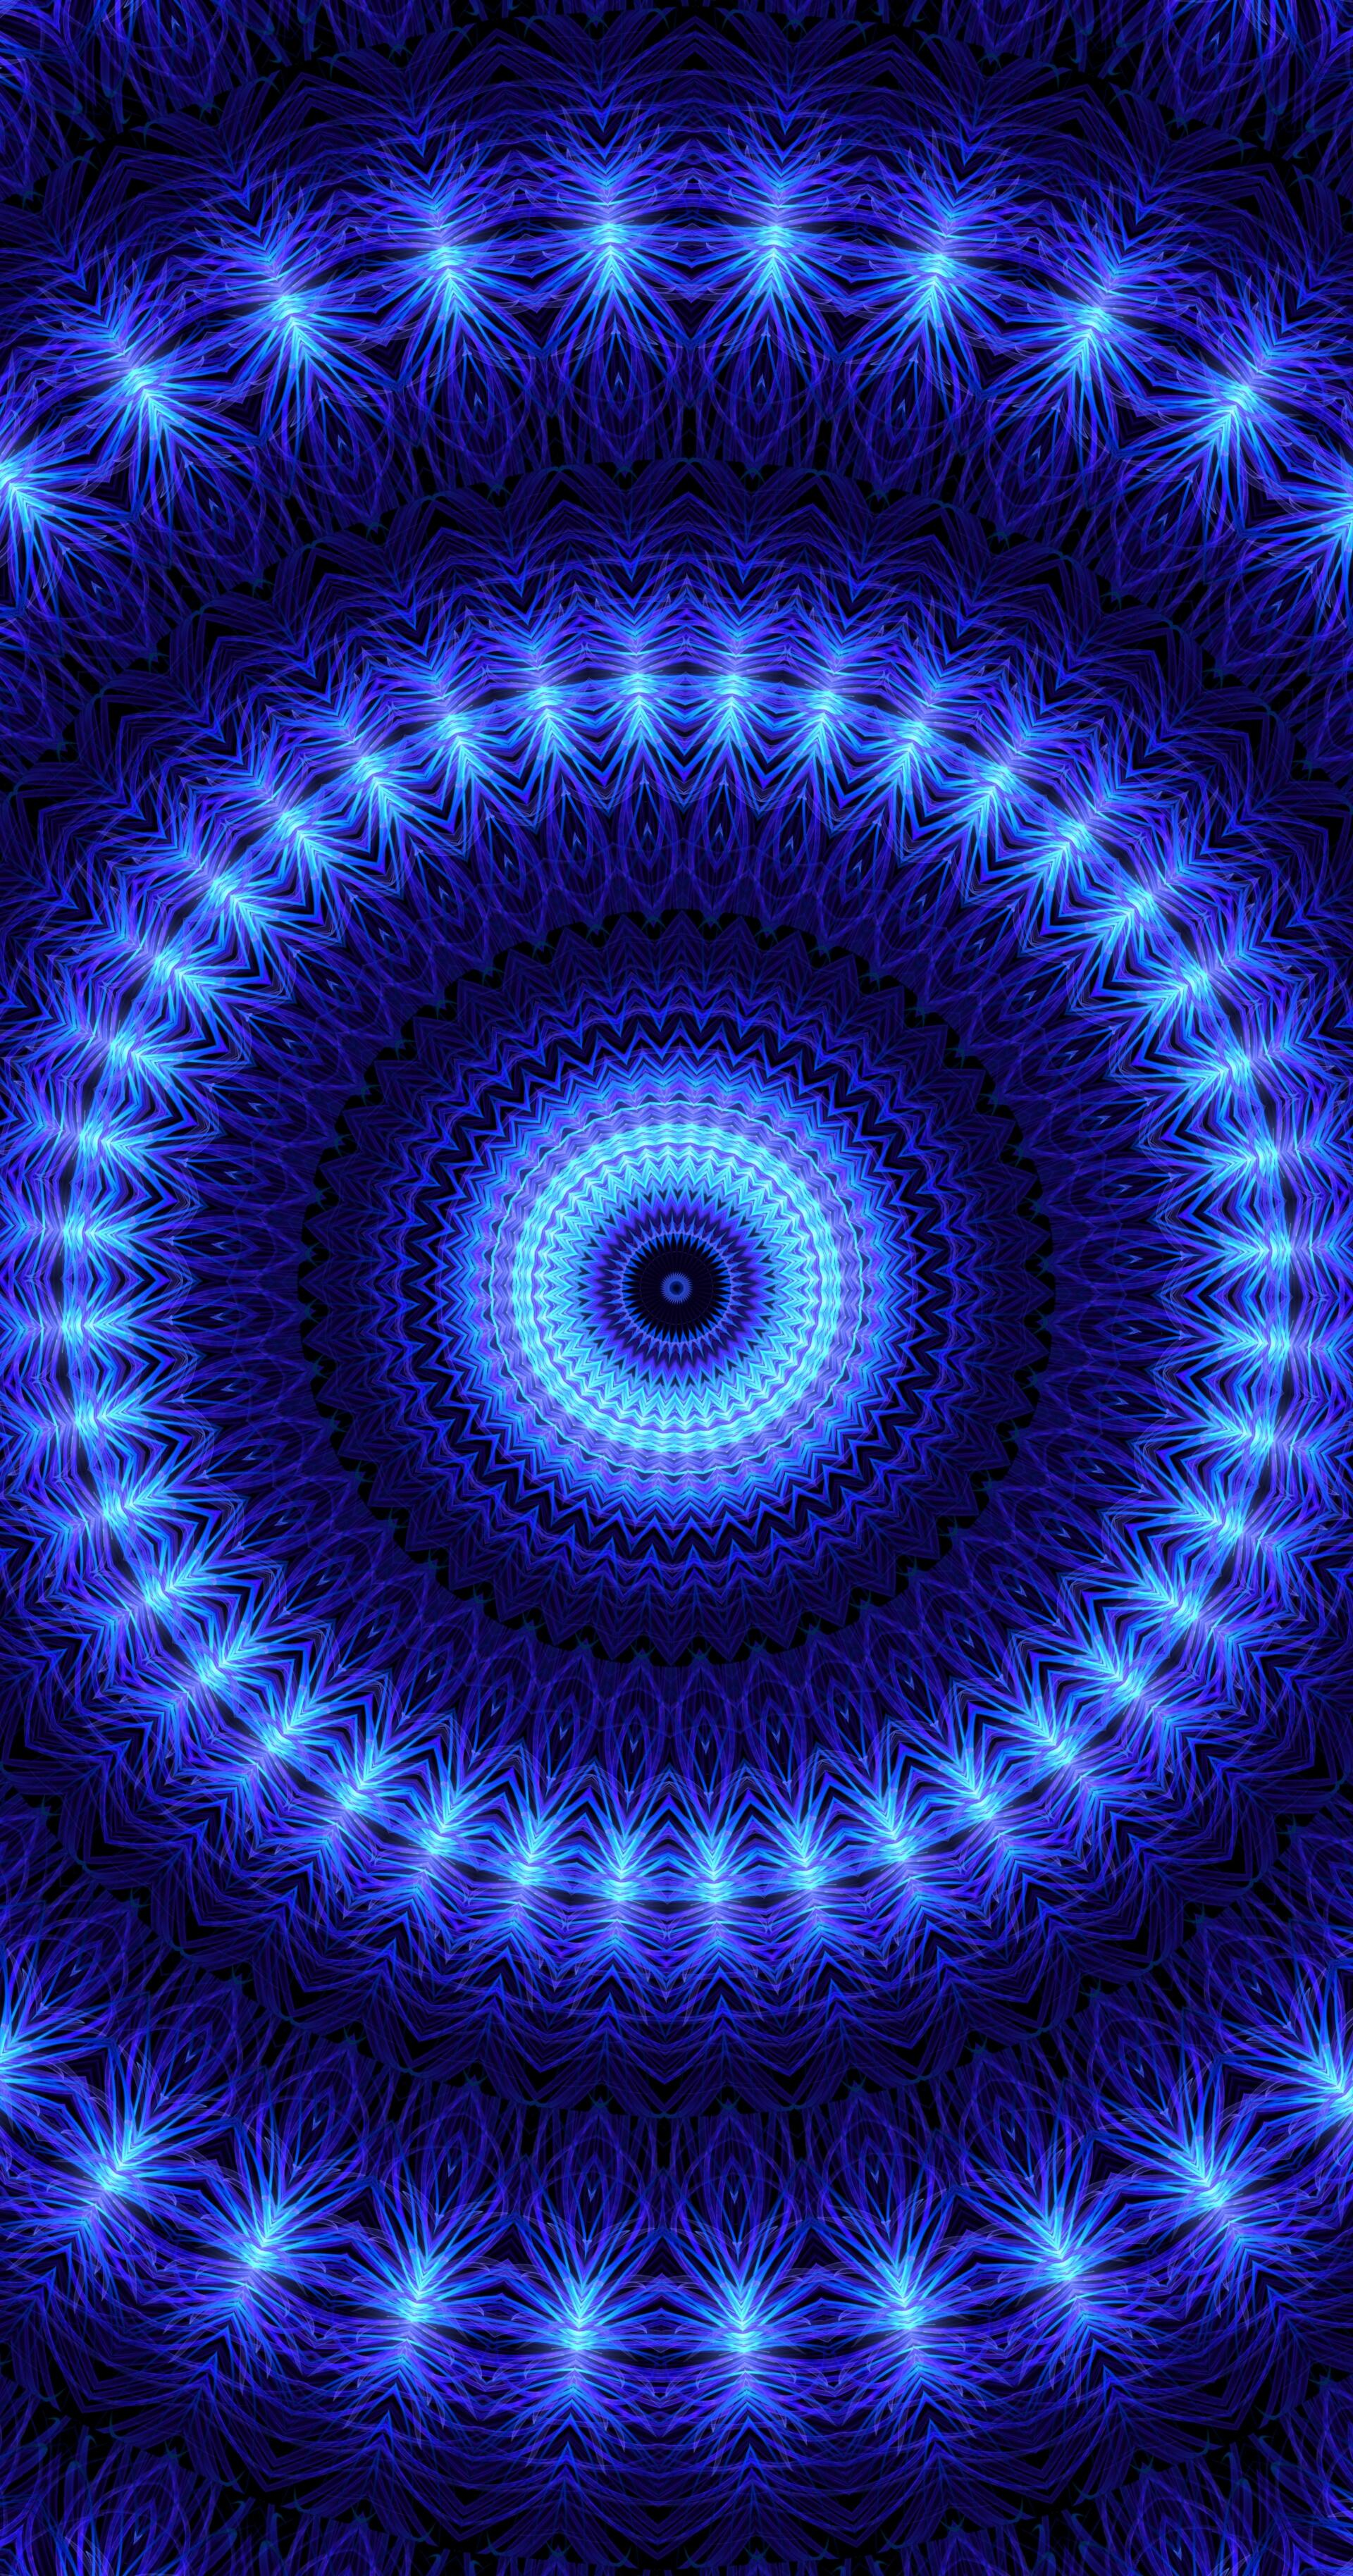 113166 免費下載壁紙 抽象, 界, 圆圈, 图案, 明亮的, 明亮, 蓝色的 屏保和圖片